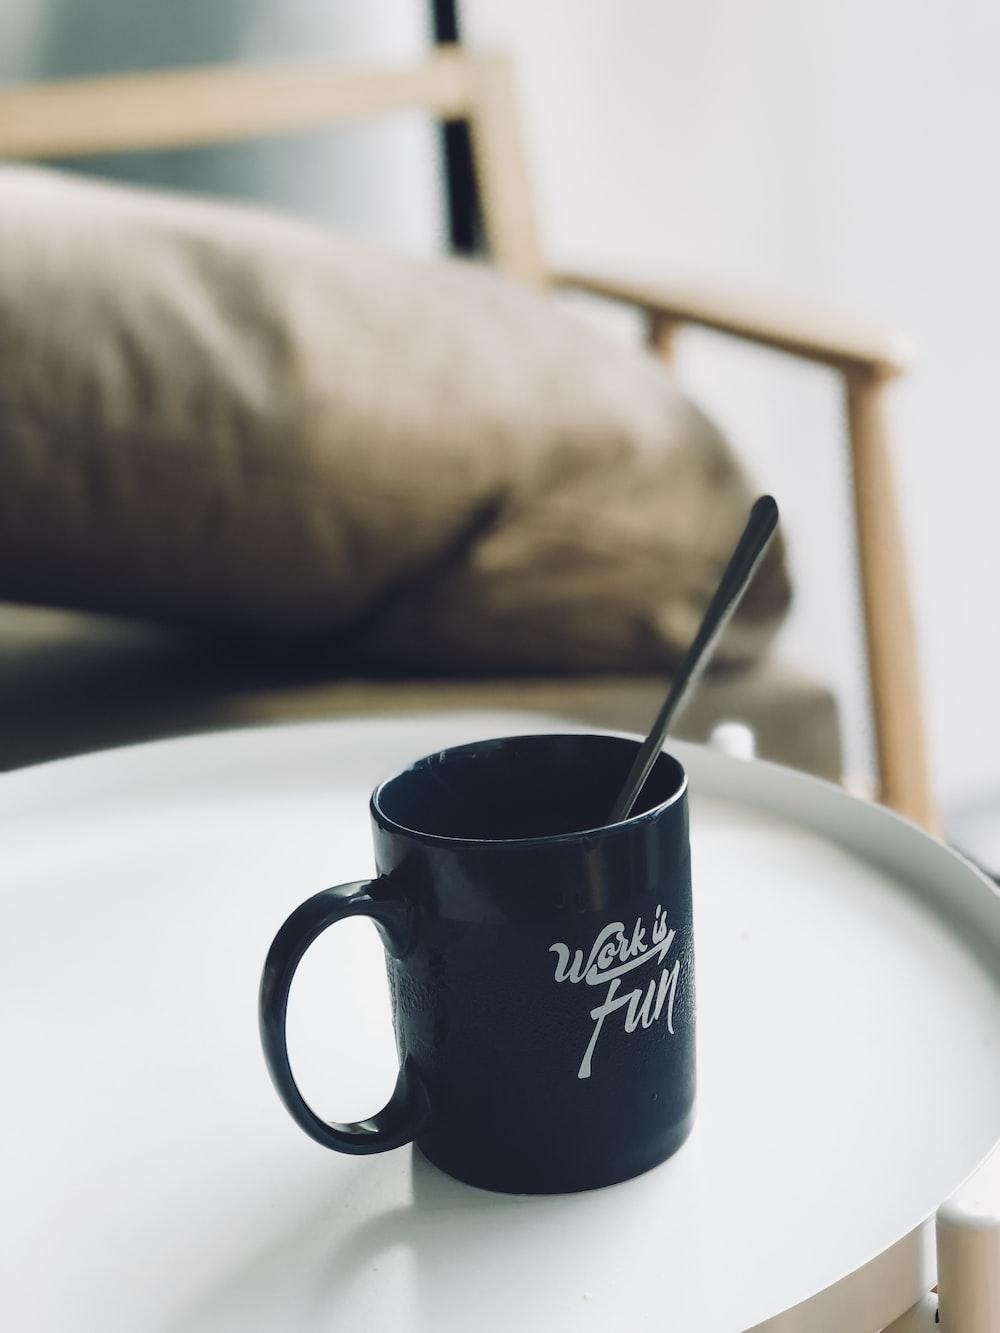 spoon in mug